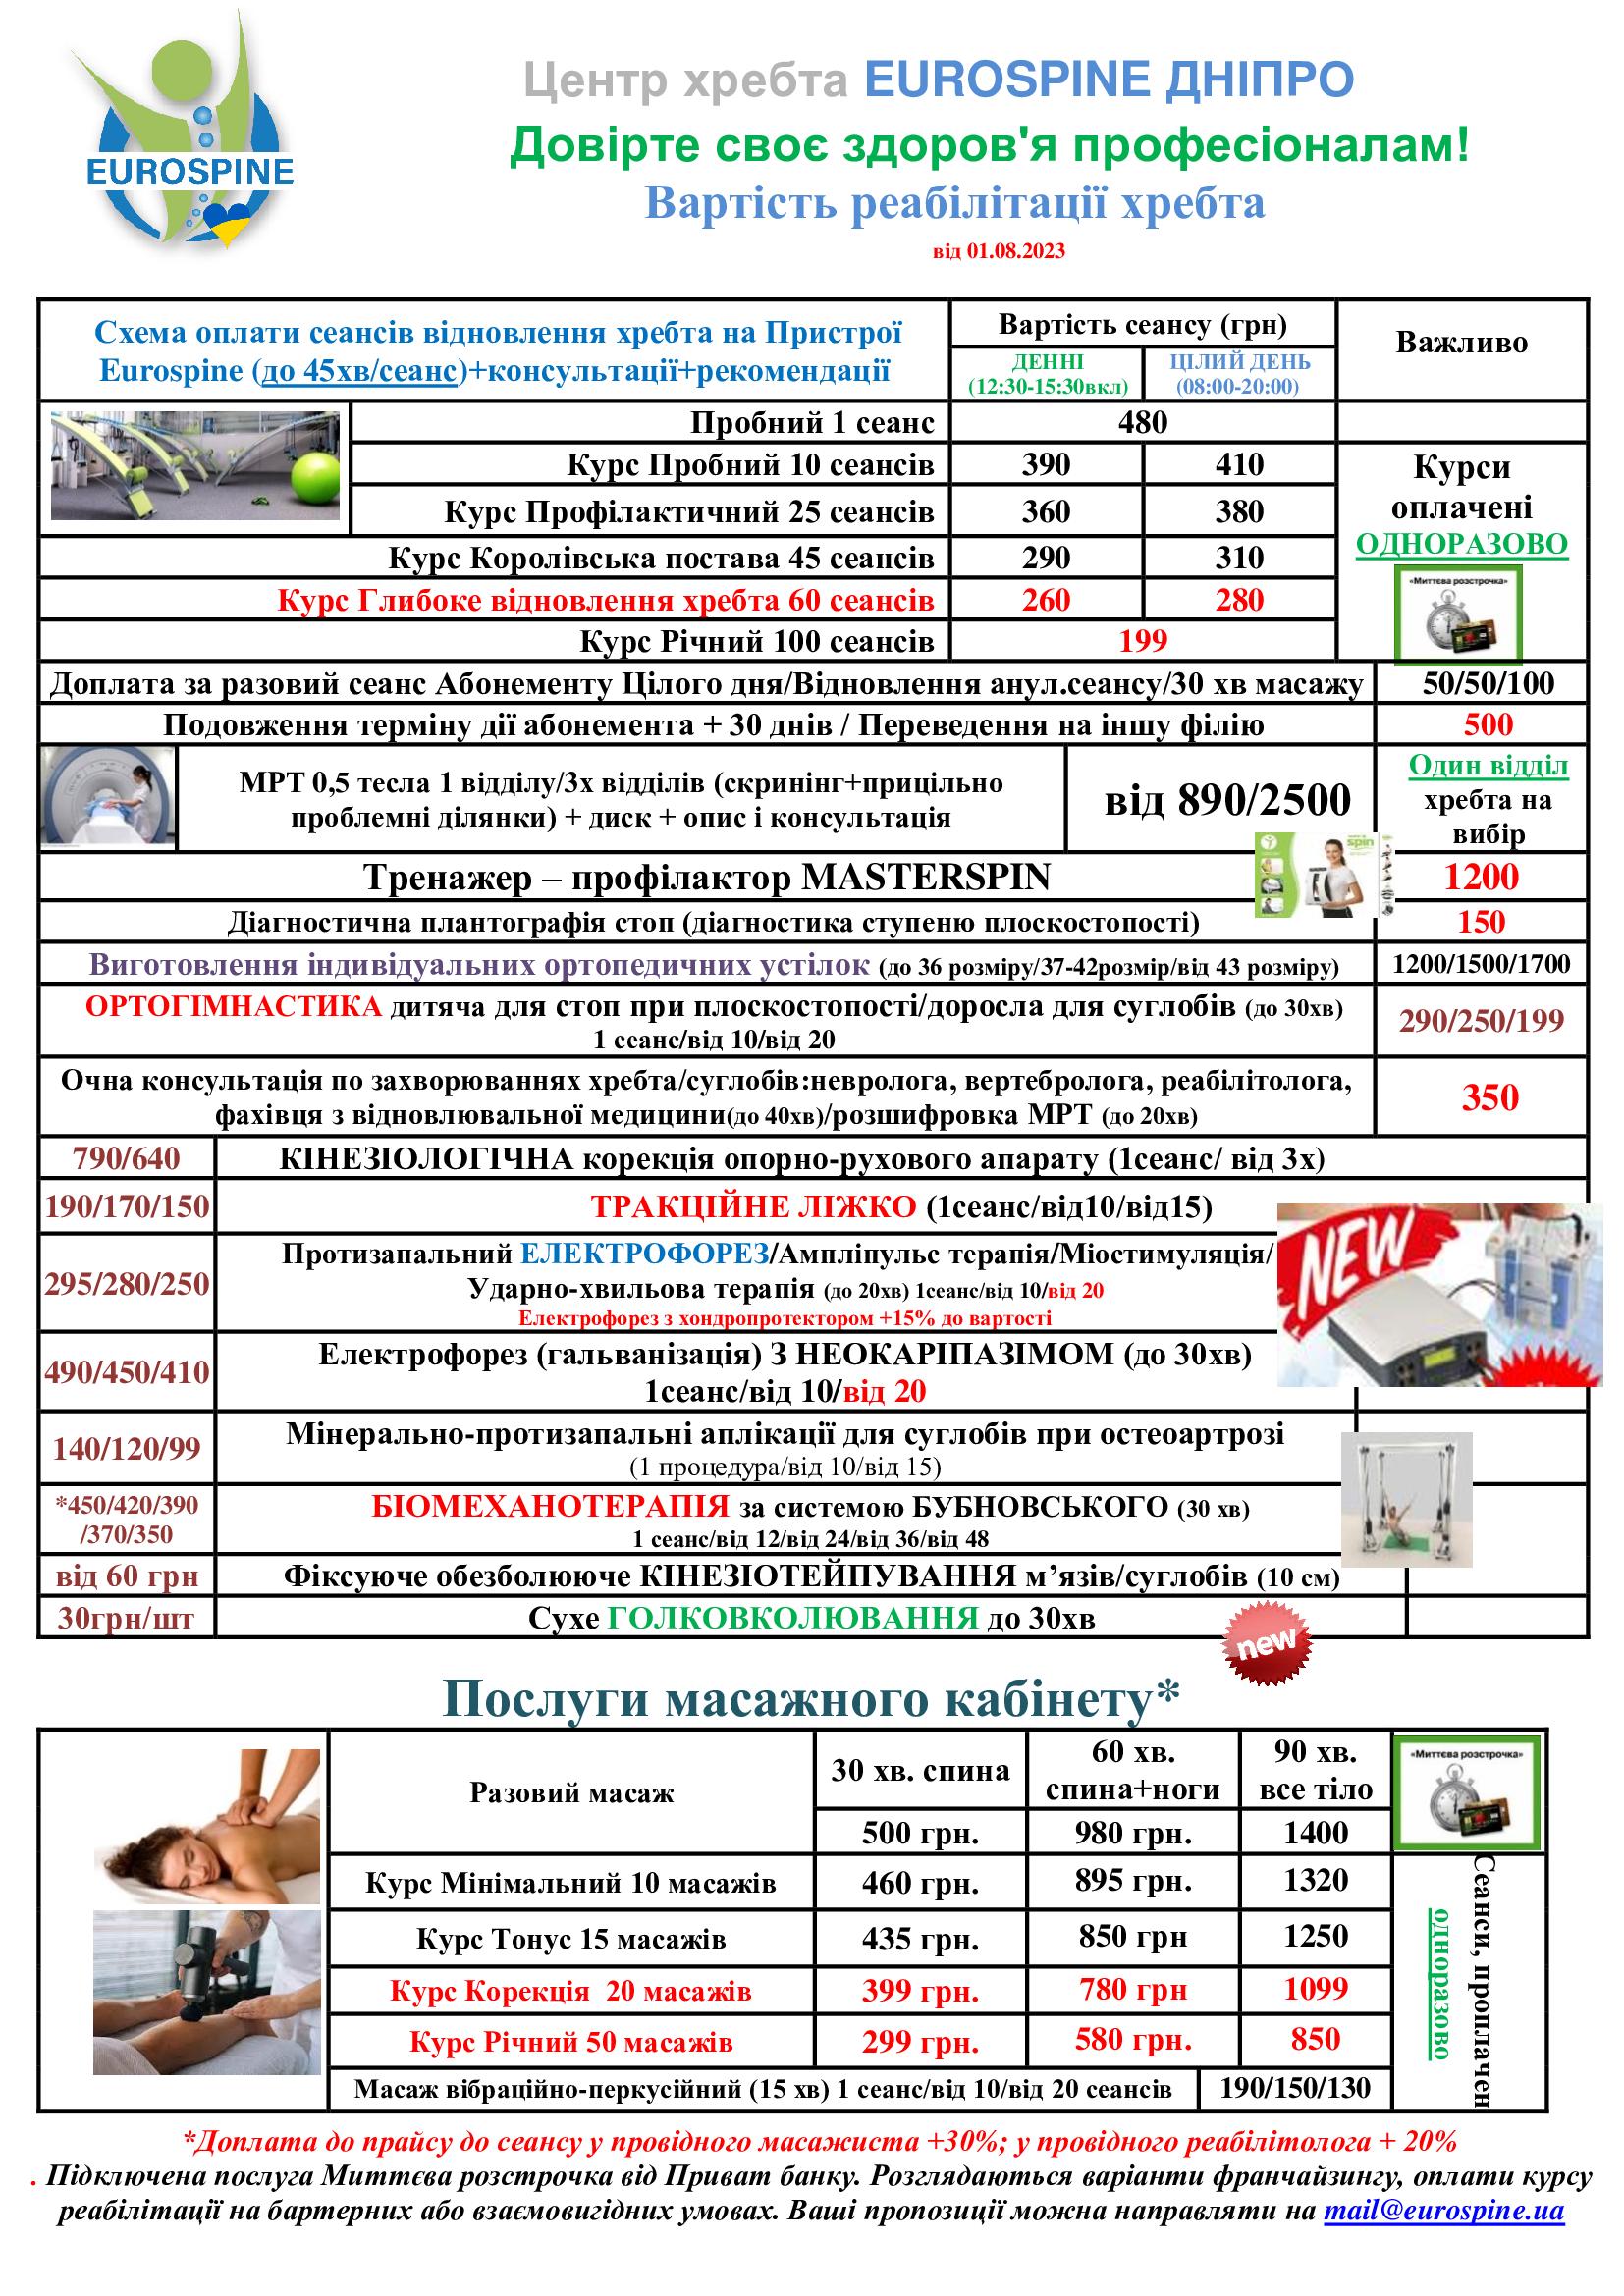 https://eurospine.ua/price/dnepr2.jpg